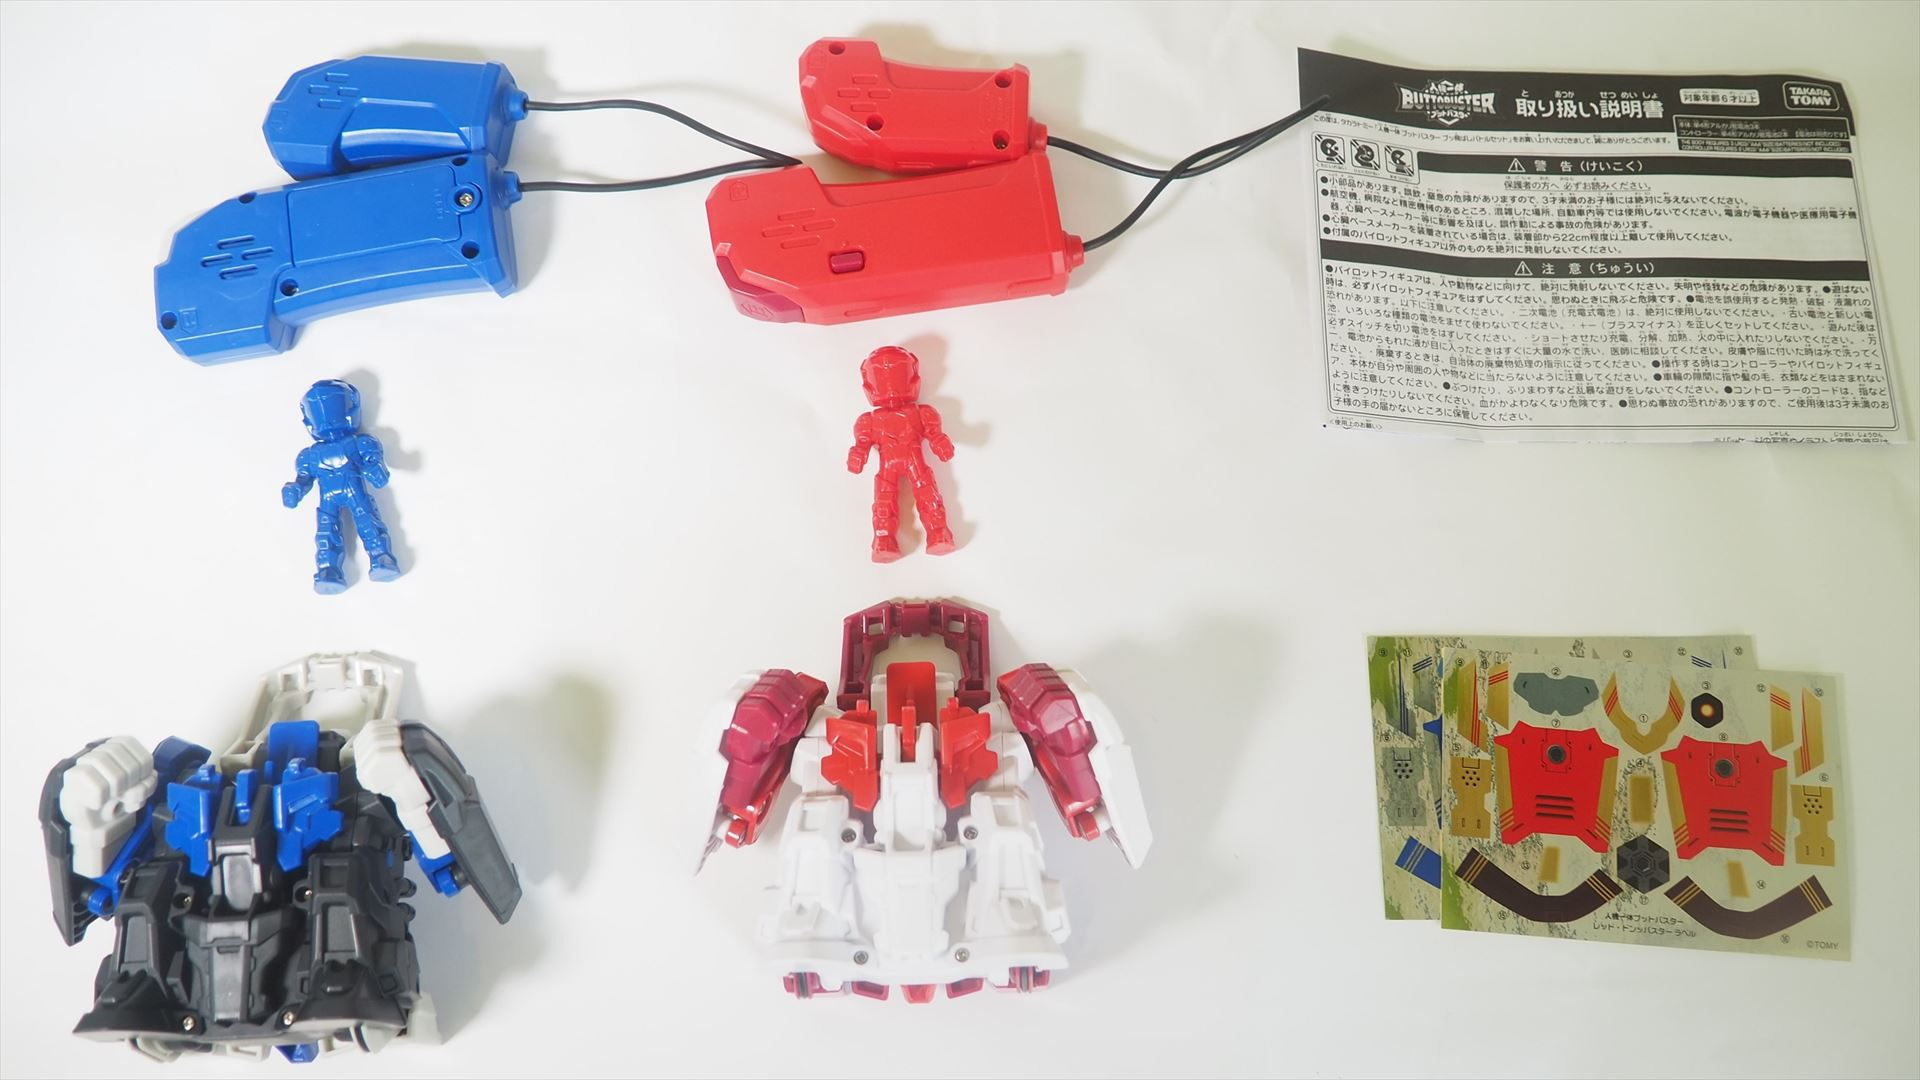 ブッ飛ばしバトルセットの内容物。ロボット本体とコントローラーが2セット入っている